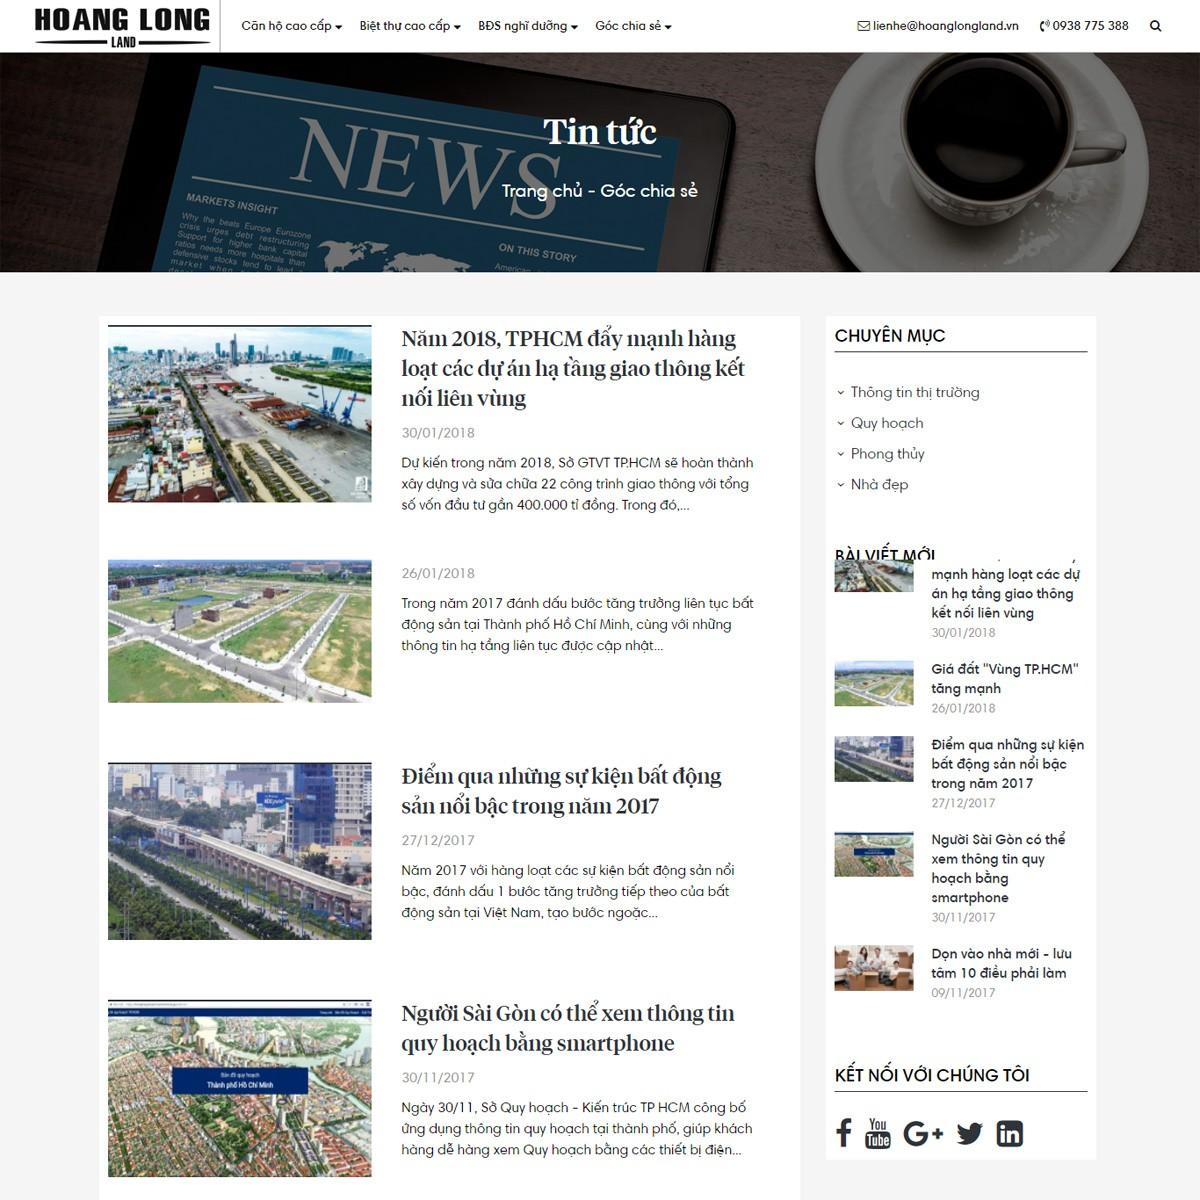 Thiết kế website bất động sản giá rẻ